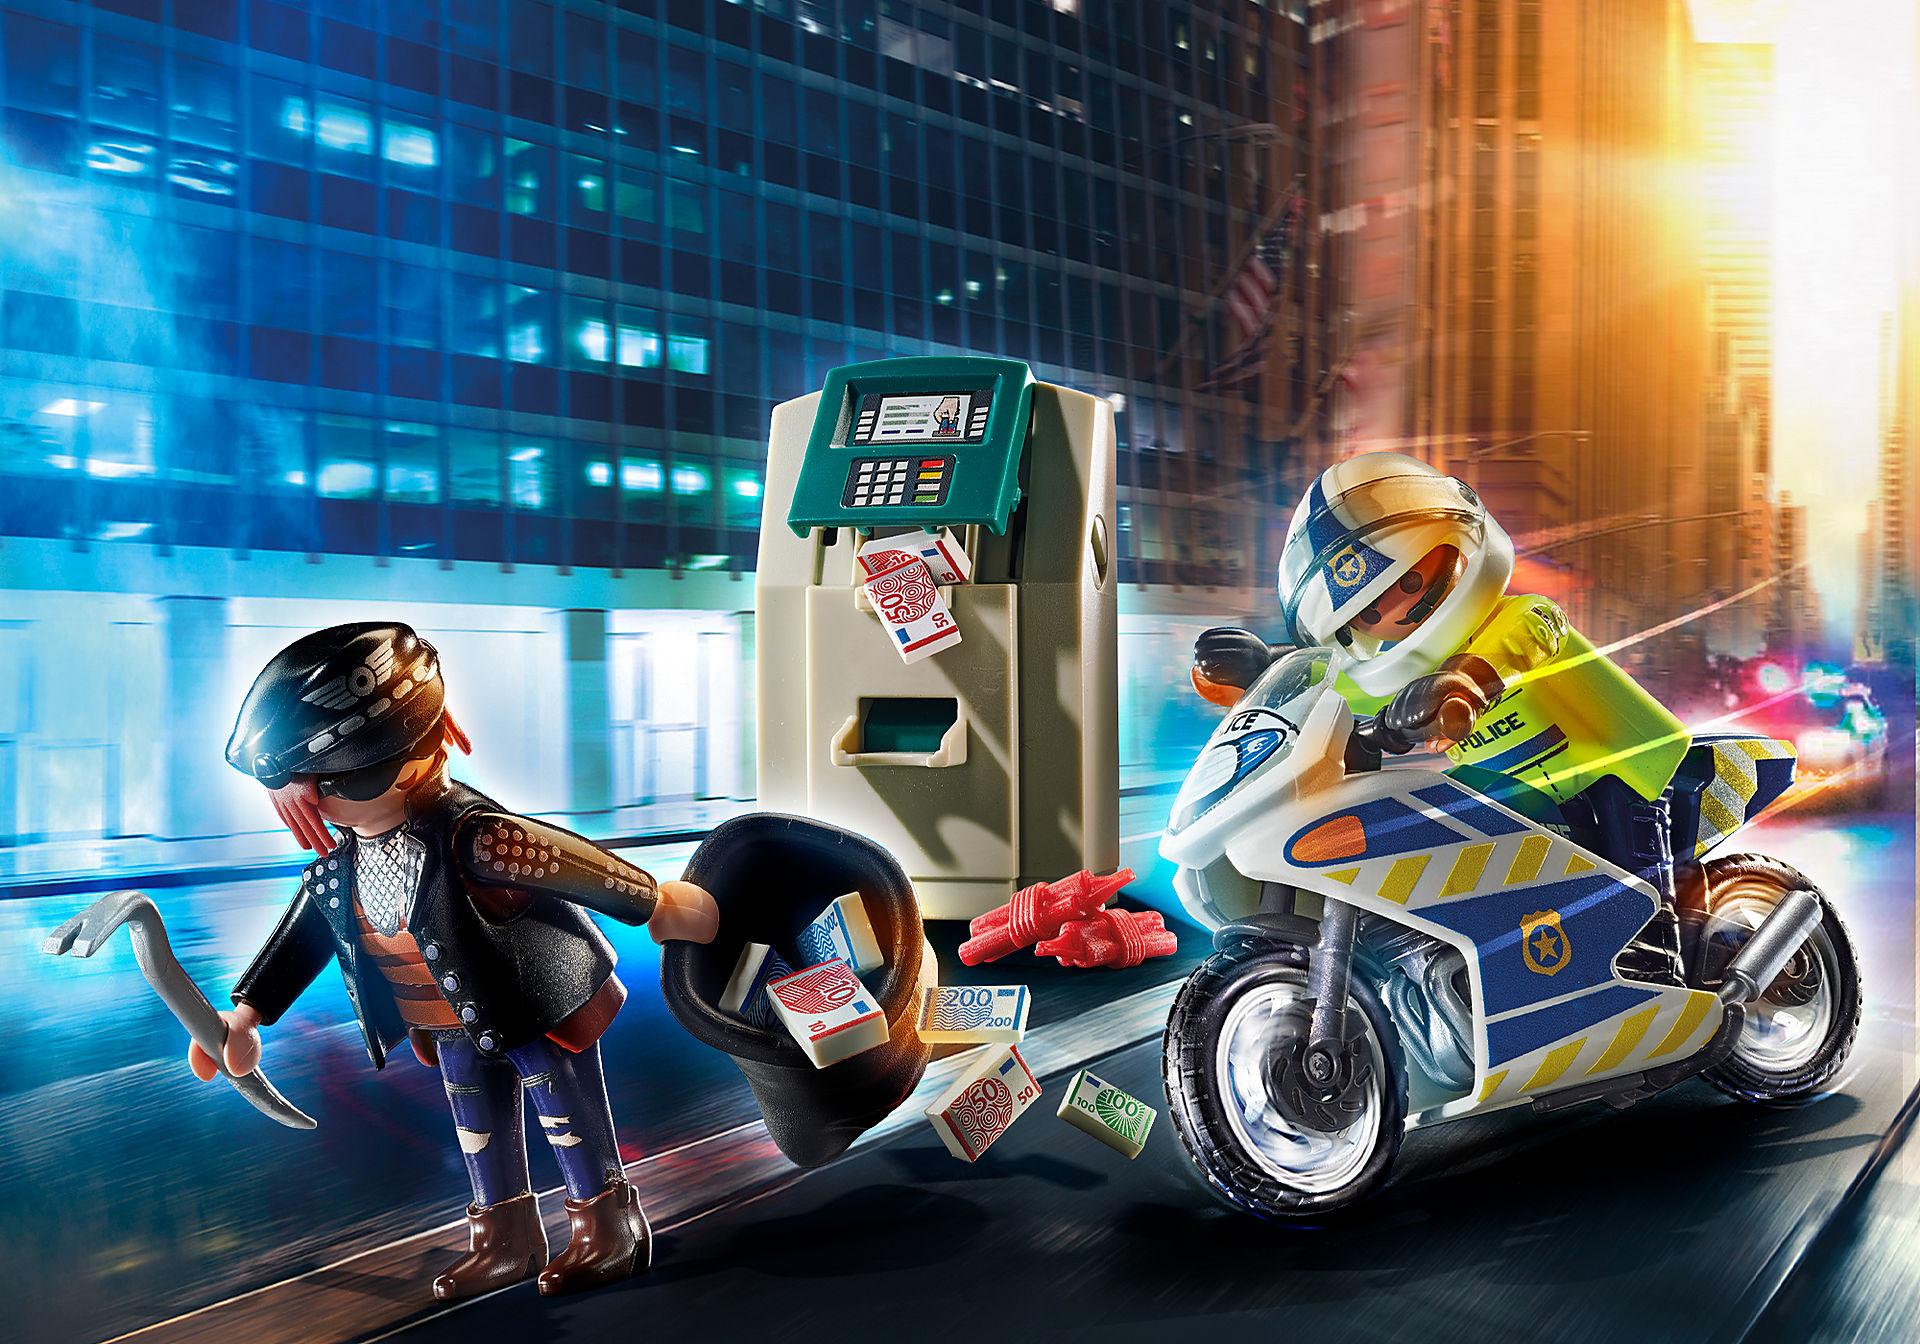 70572 Policyjny motor: Pościg za przestępcą zoom image1